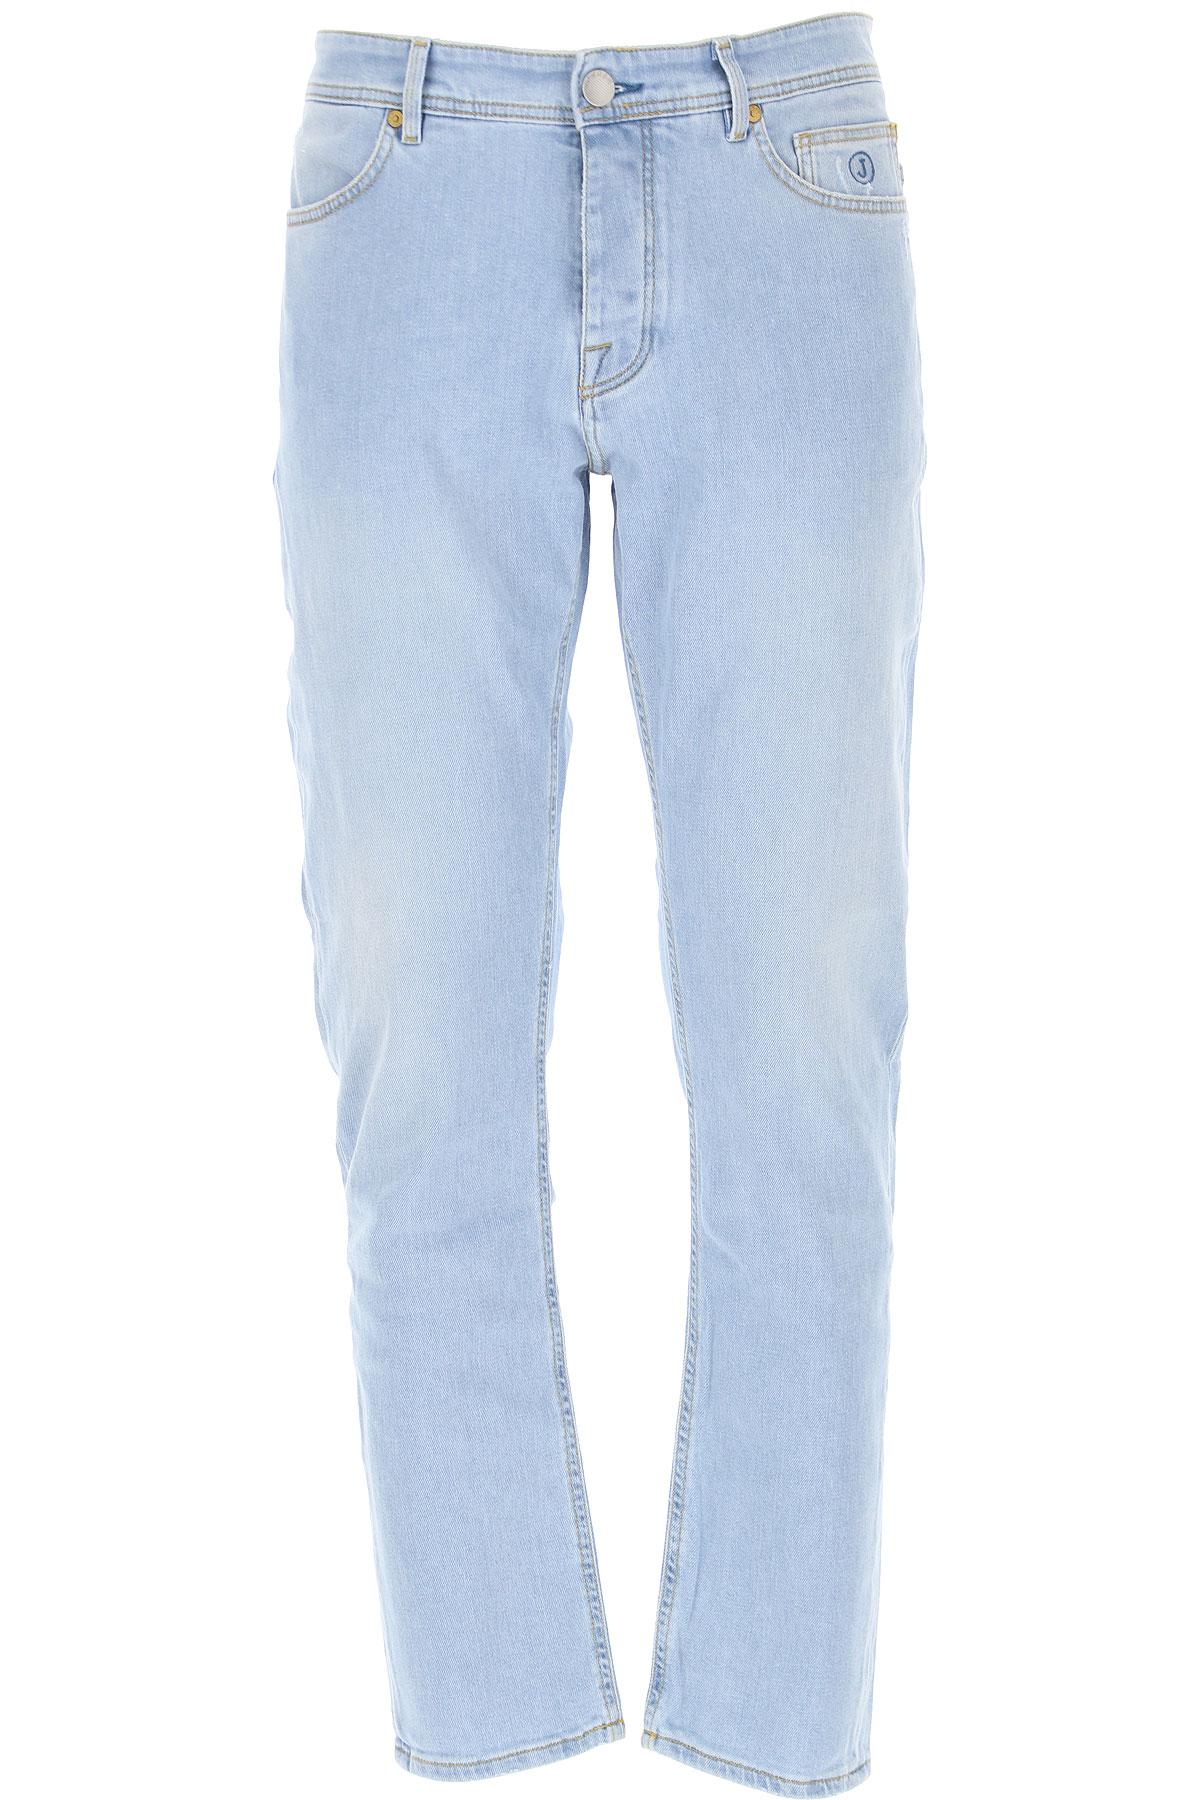 Jeckerson Jeans On Sale, Denim Bright Blue, Cotton, 2019, 29 30 31 32 33 34 35 36 40